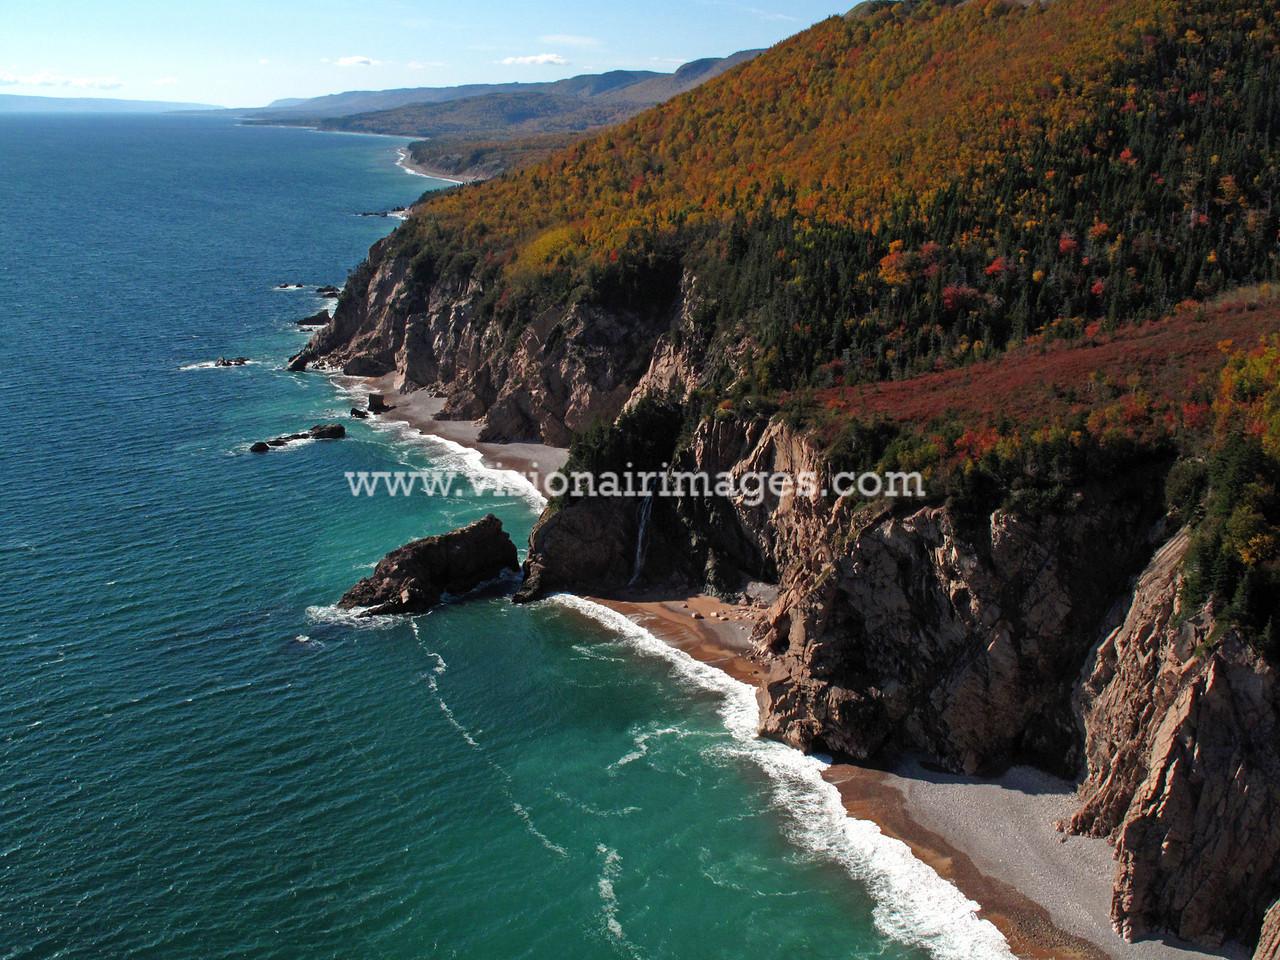 Cape Smokey, Aerial Image, Cliffs, Cape Breton, Nova Scotia, Canada